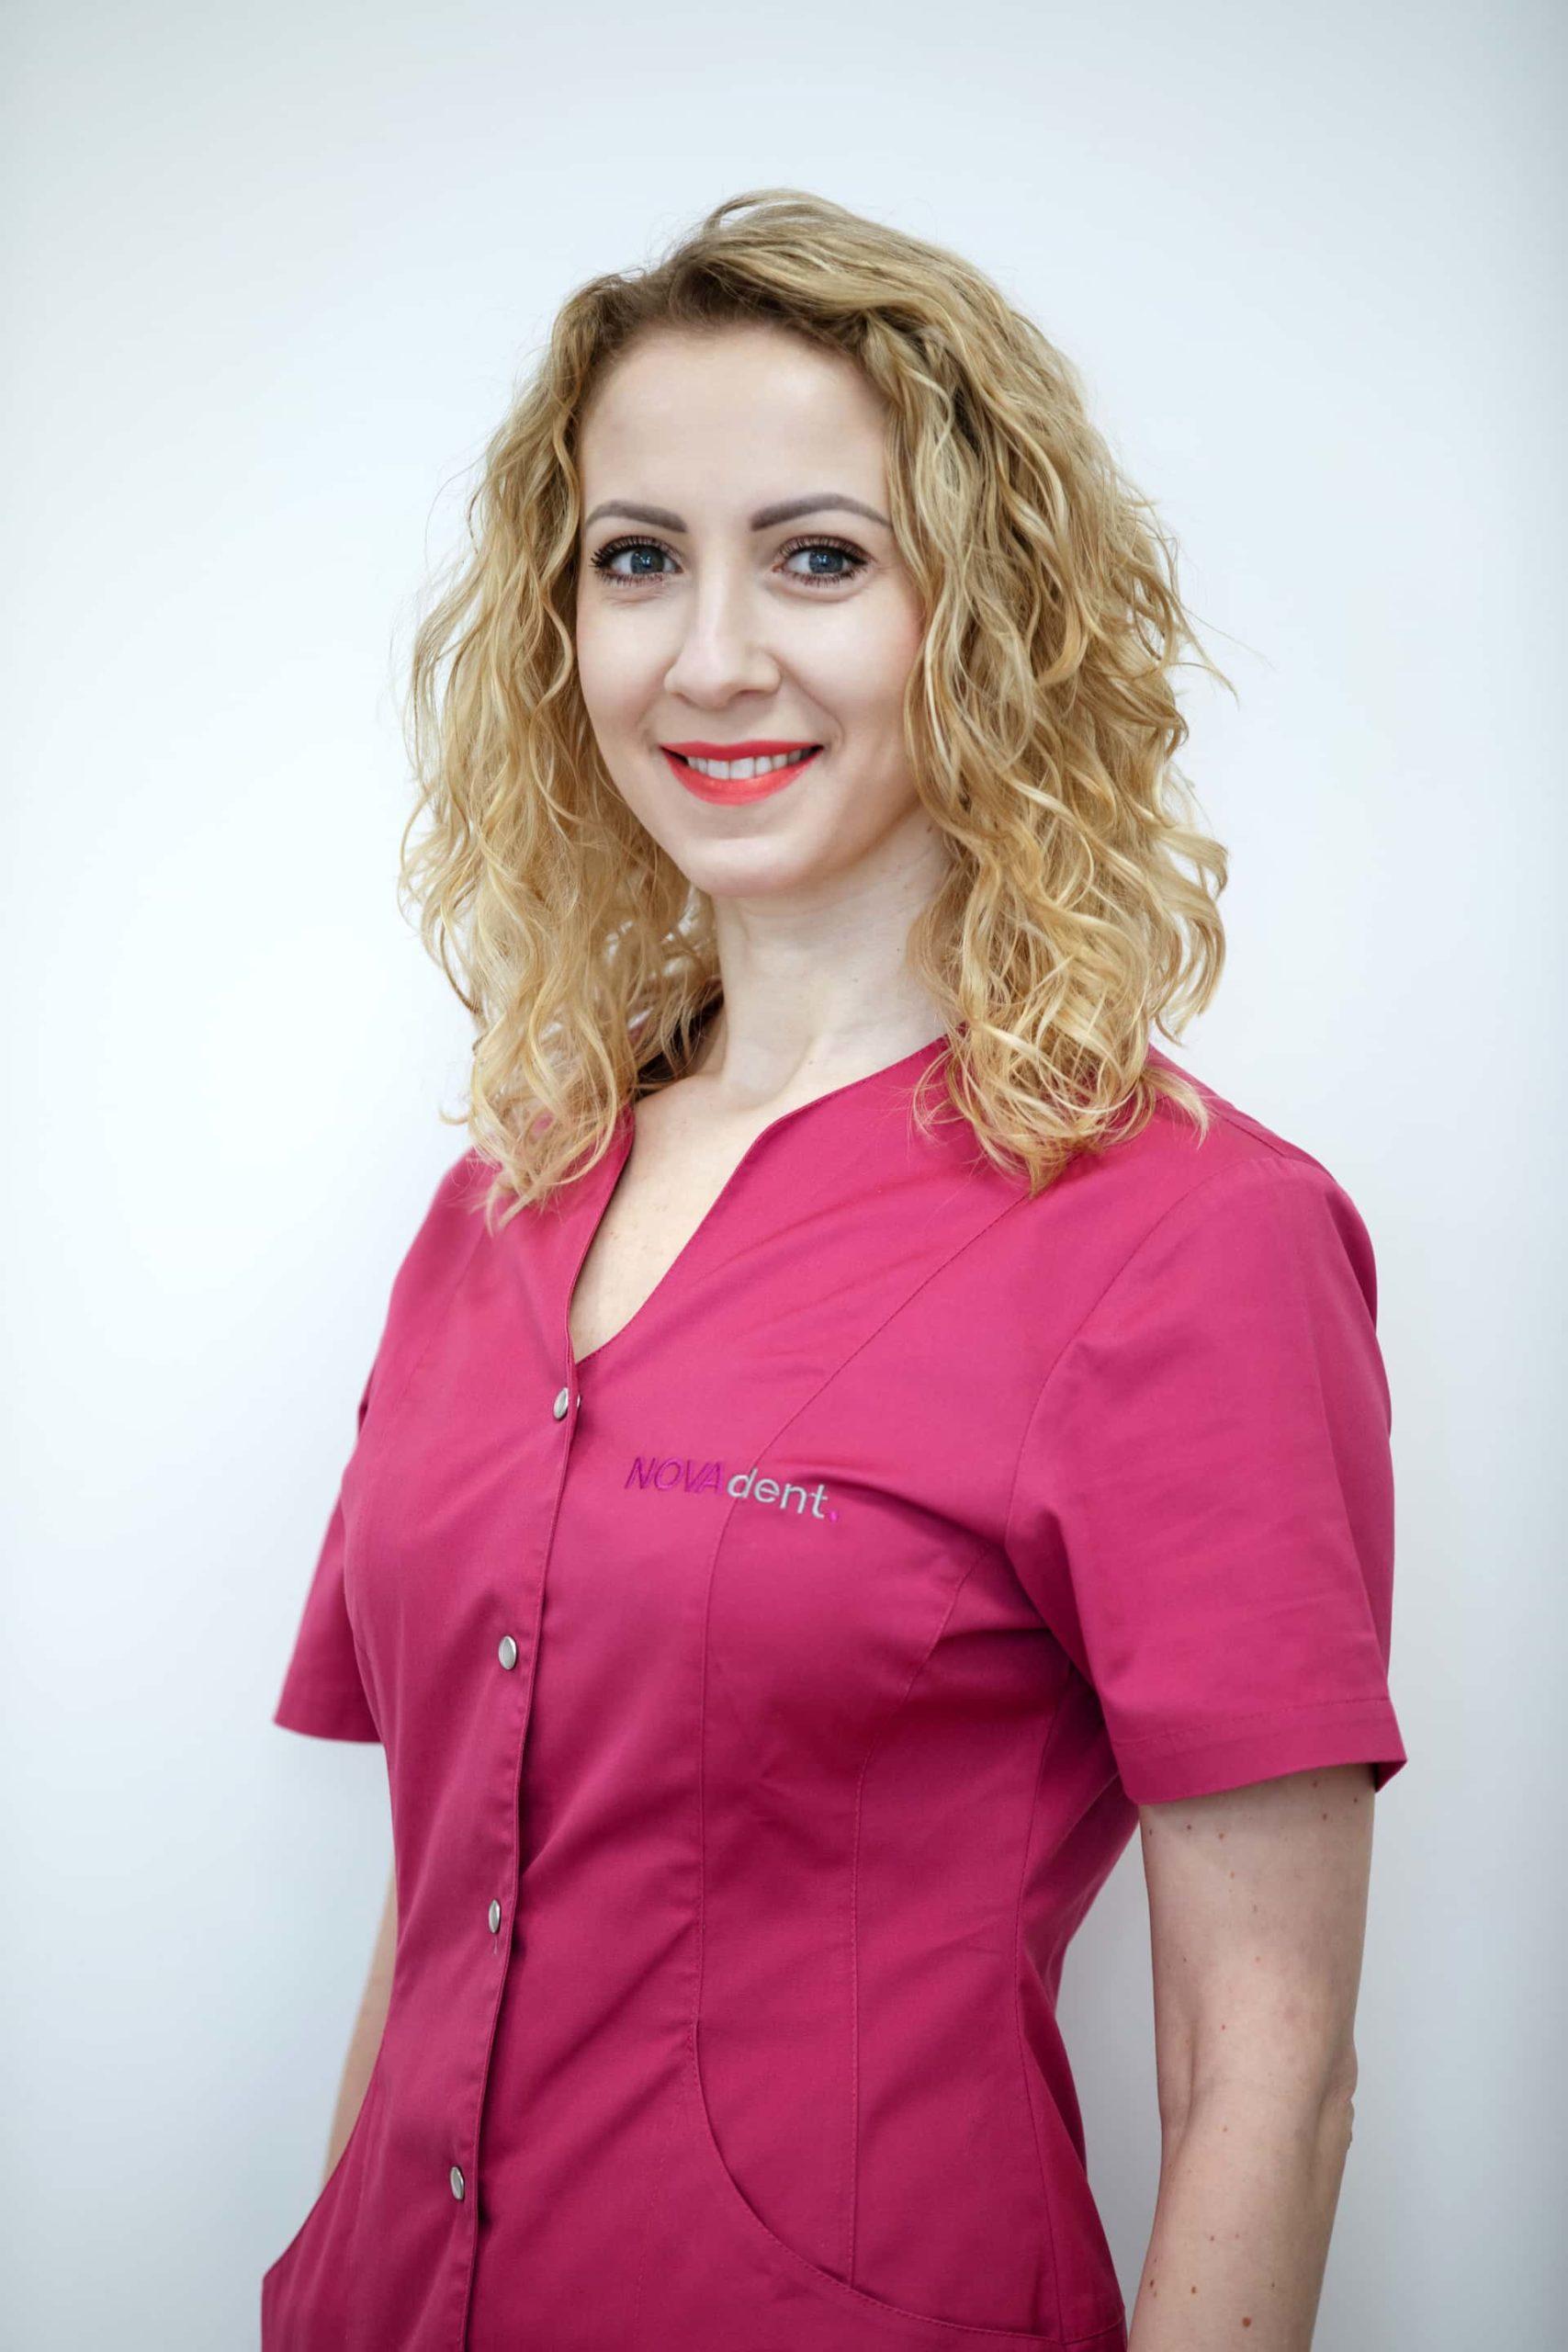 a88a0165 2 scaled Prywatny stomatolog Jarosław | kompleksowe leczenie zębów | Implanty zębów